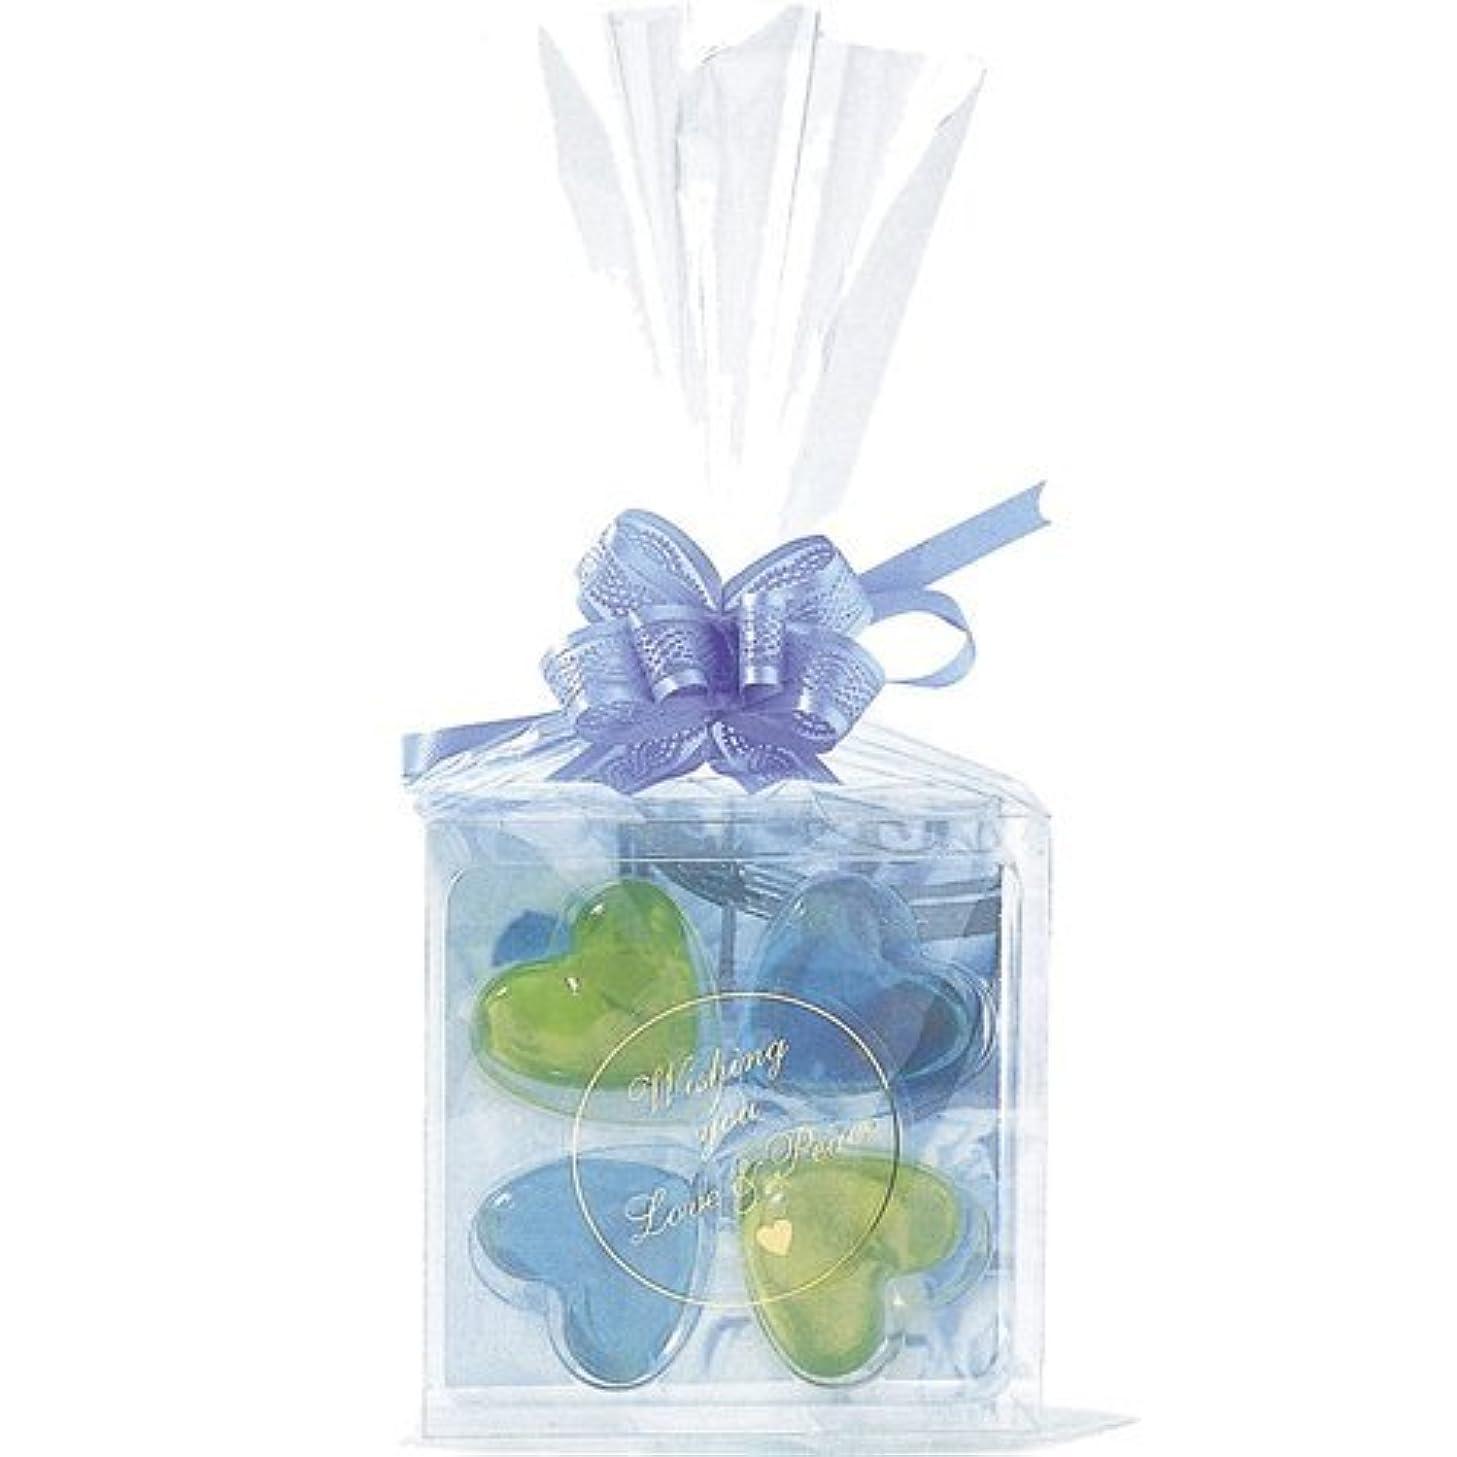 美徳残りペグジーピークリエイツ フォーチューンクローバー ブルー 入浴料セット(グリーンアップル、ベリー)